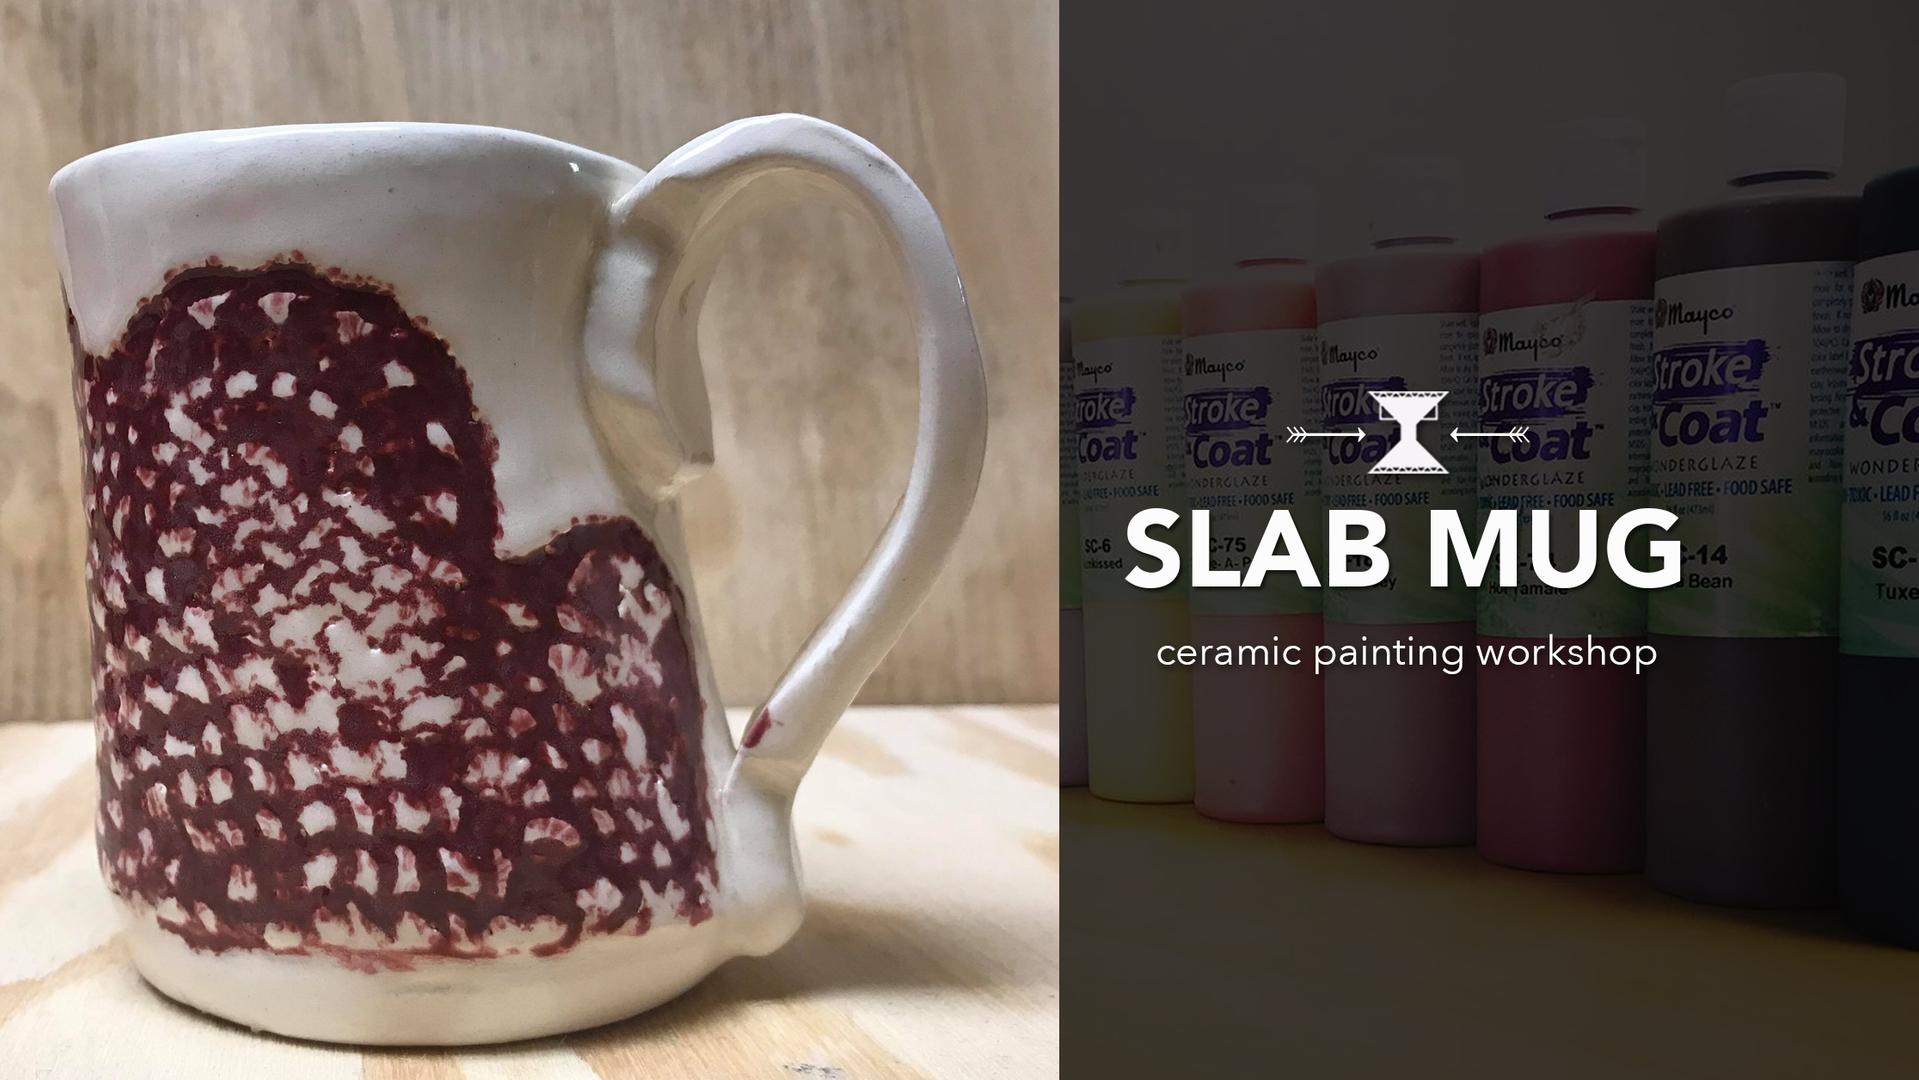 Slab Mug